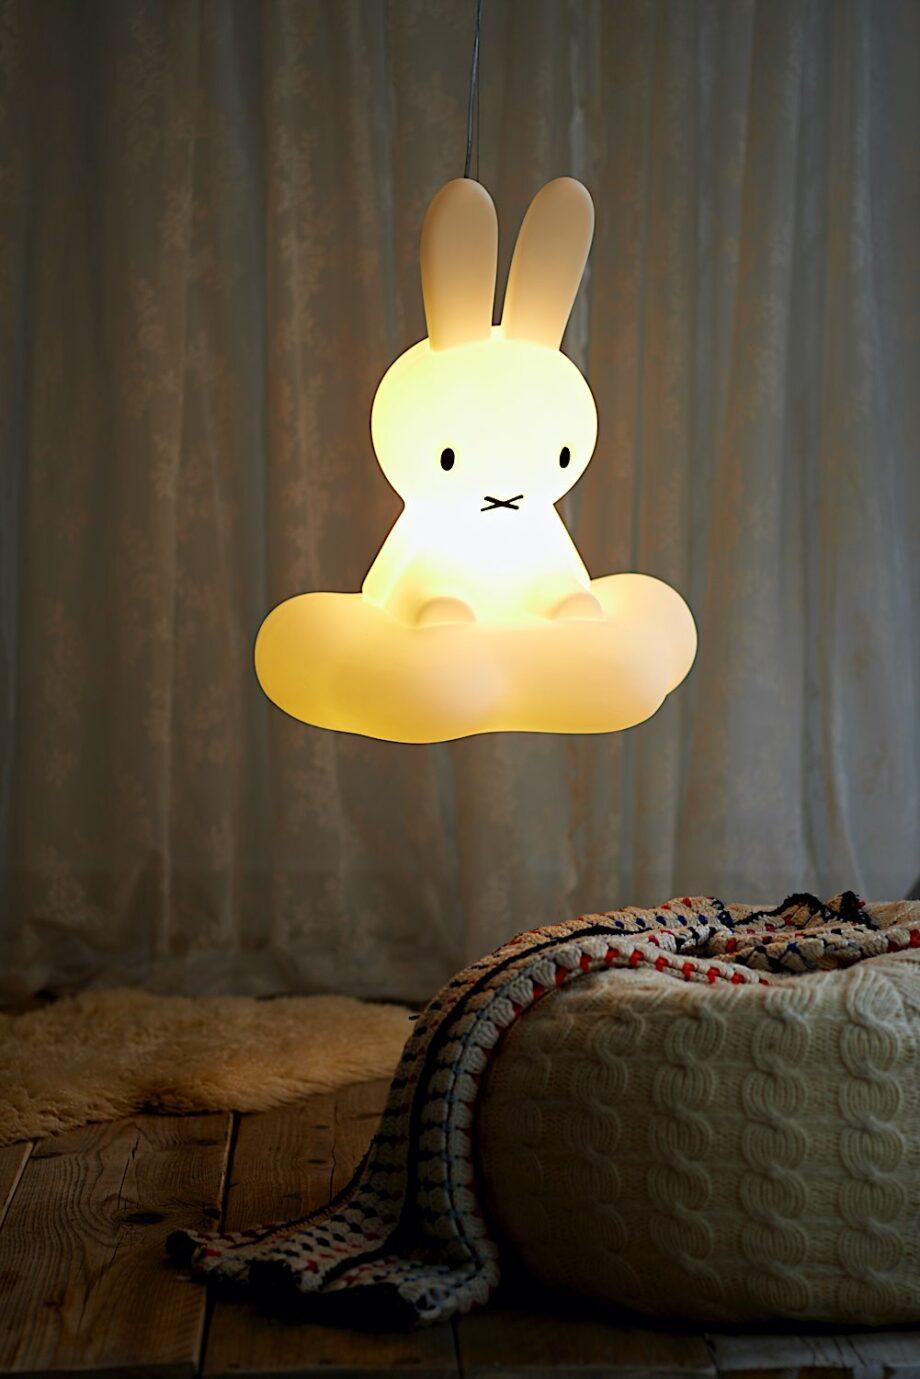 Plafonnier Enfant Lapin Miffy - Mr Maria - Laissez la lampe Miffy flotter dans la chambre de votre enfant. Avec sa lumière douce, cette lampe est parfaite pour veiller sur leurs rêves.